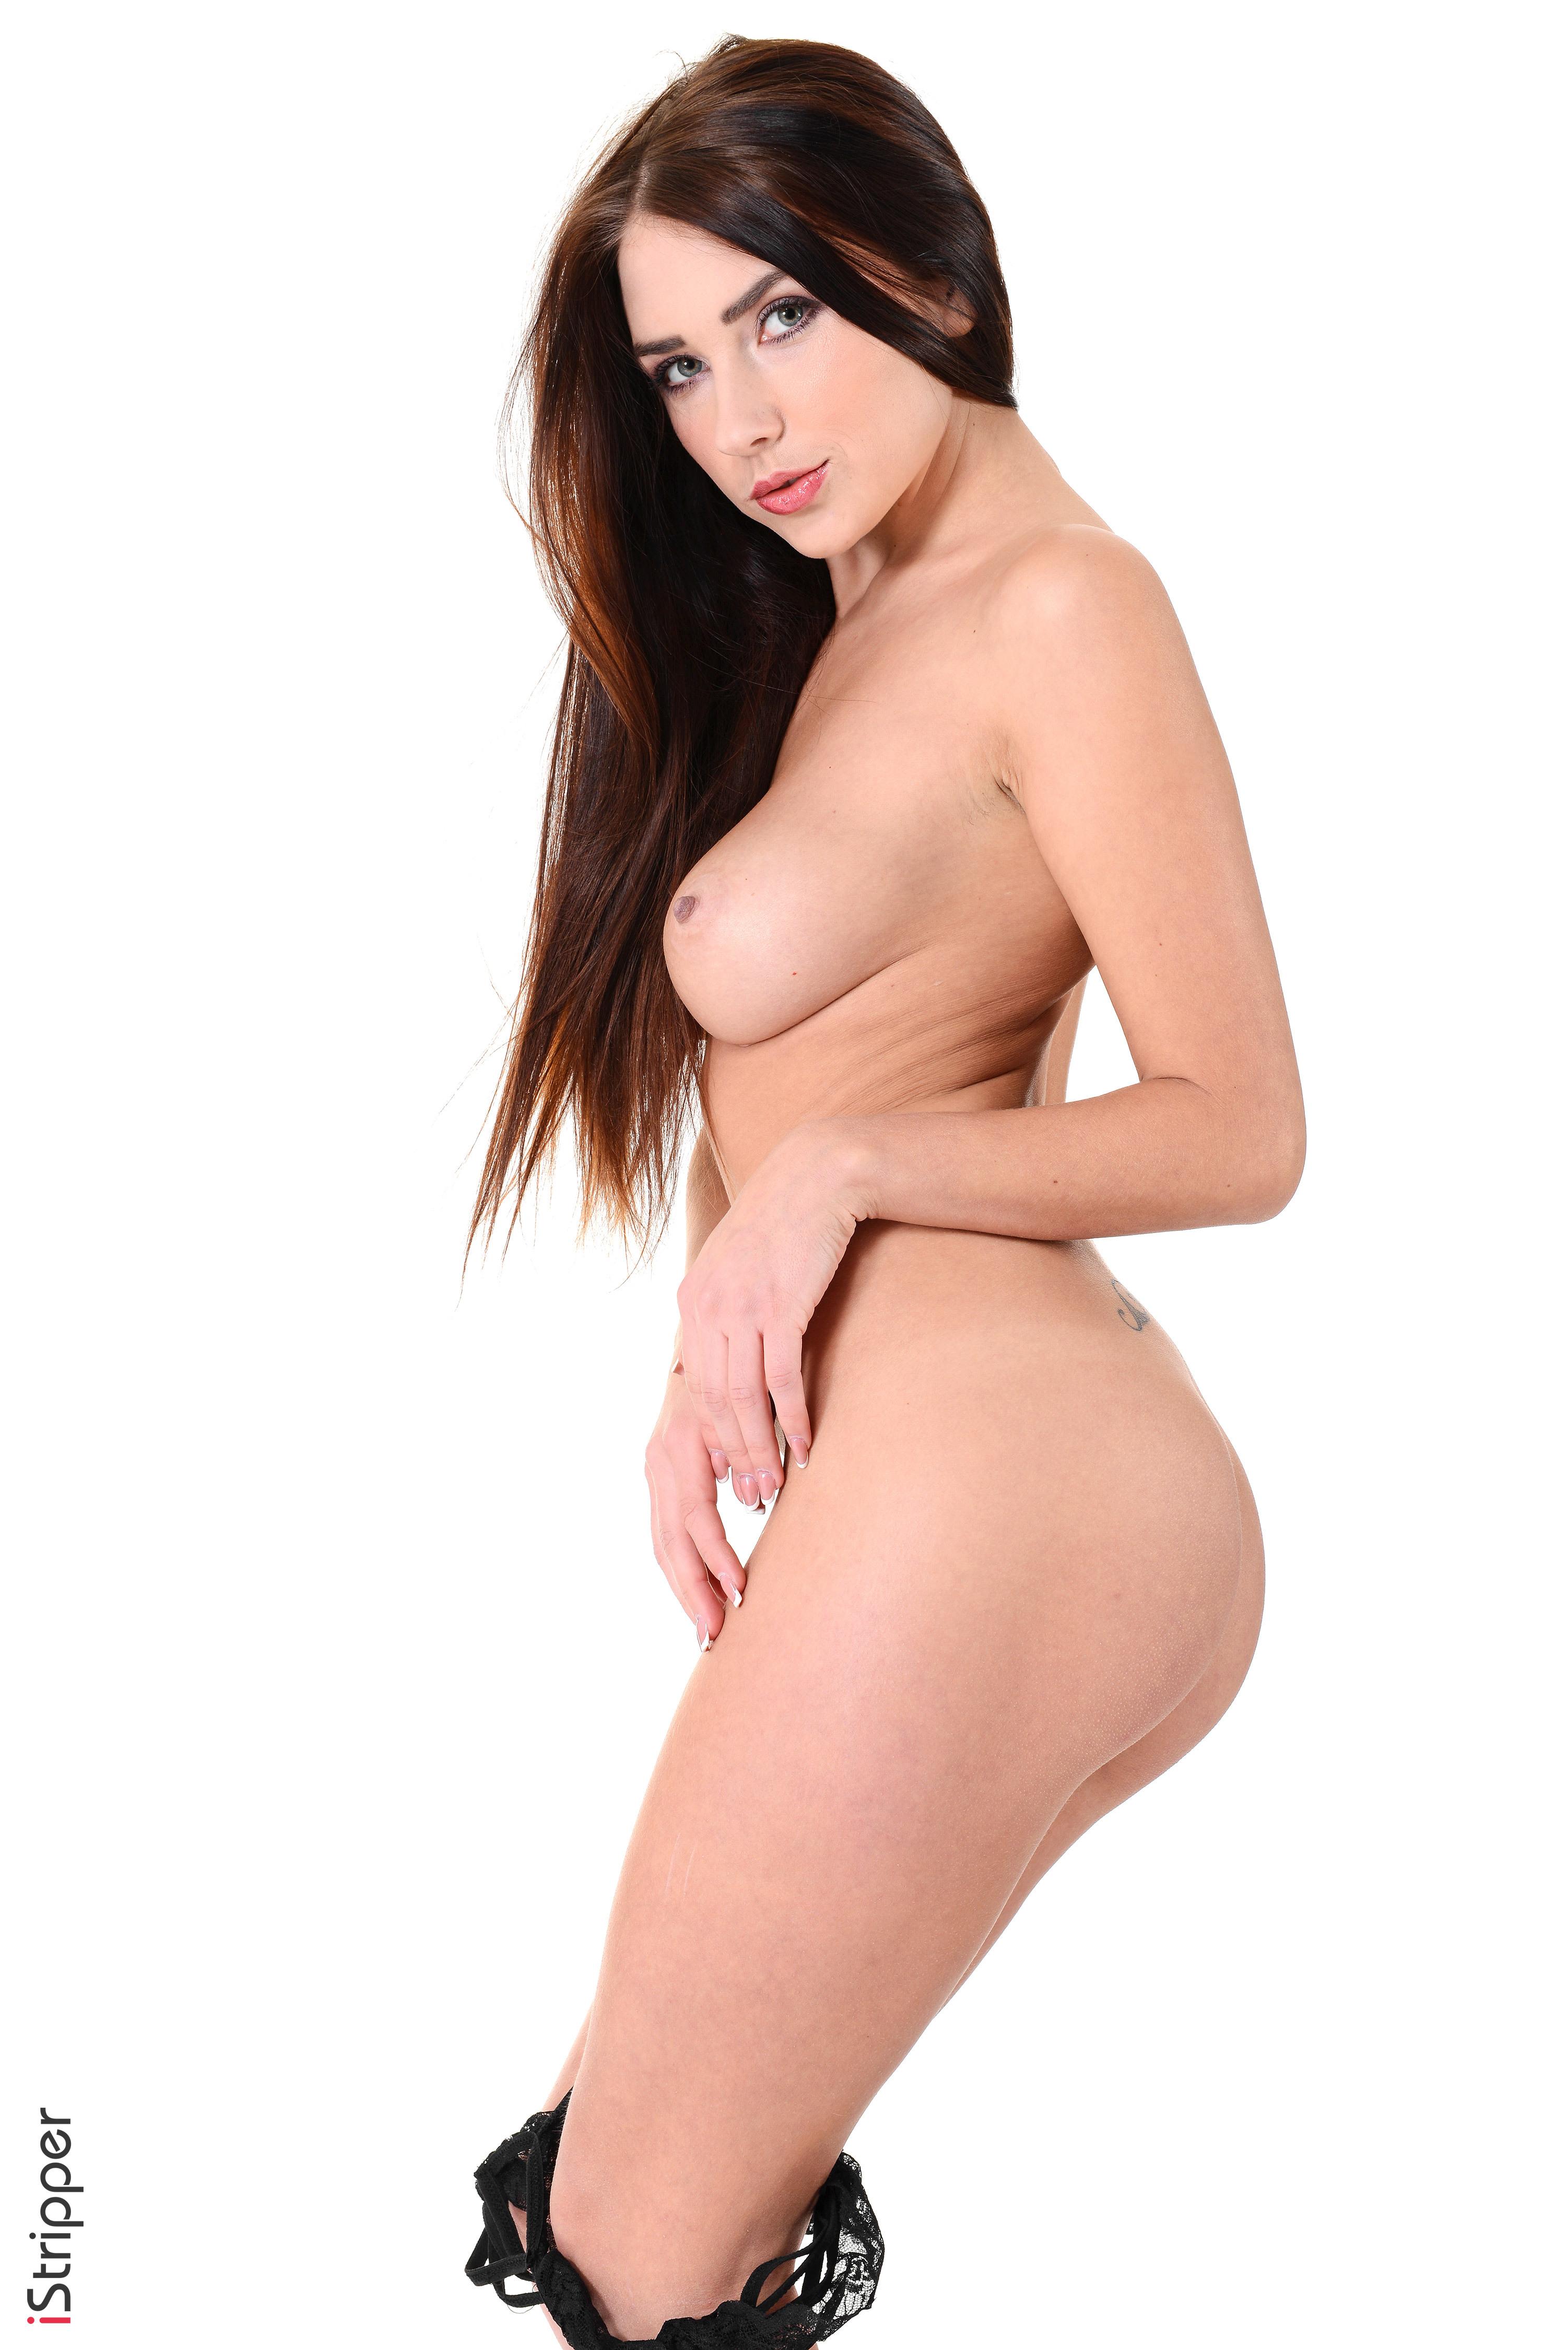 tublr girls stripping nude